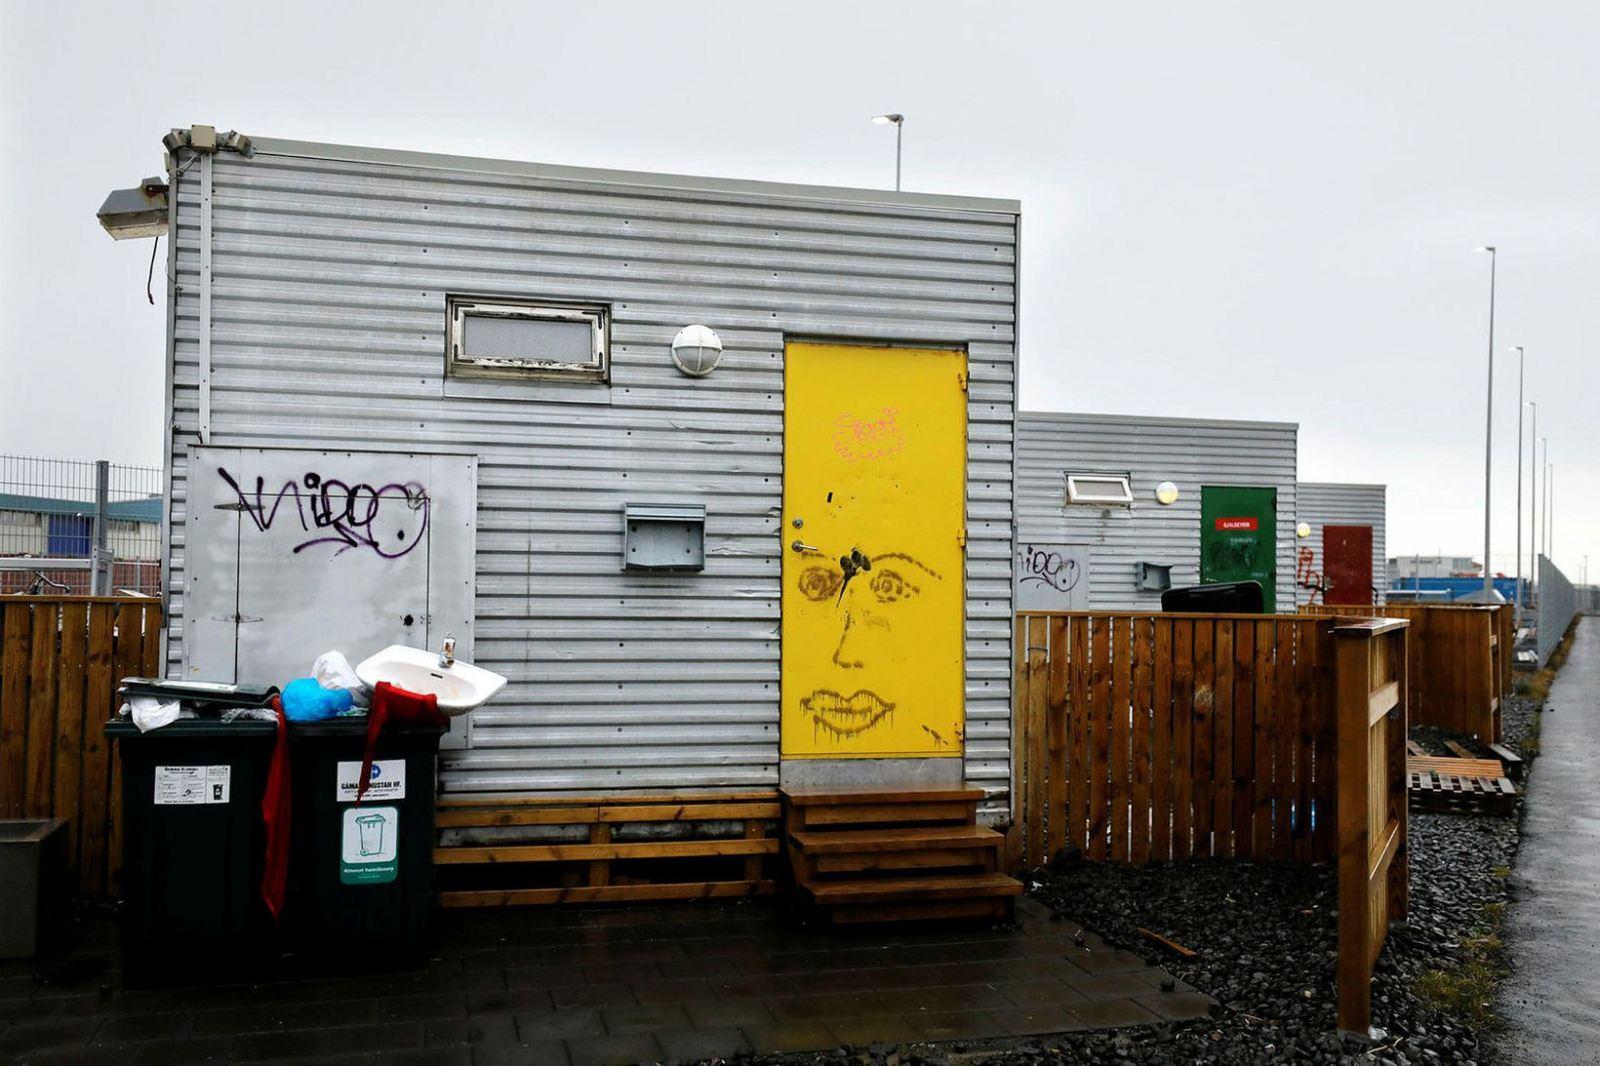 Муниципальные власти располагают небольшим количеством приютов для бездомных в Рейкьявике. В связи с пандемией коронавируса выделяются дополнительные средства на помощь бездомным. mbl.is/Eggert Jóhannesson